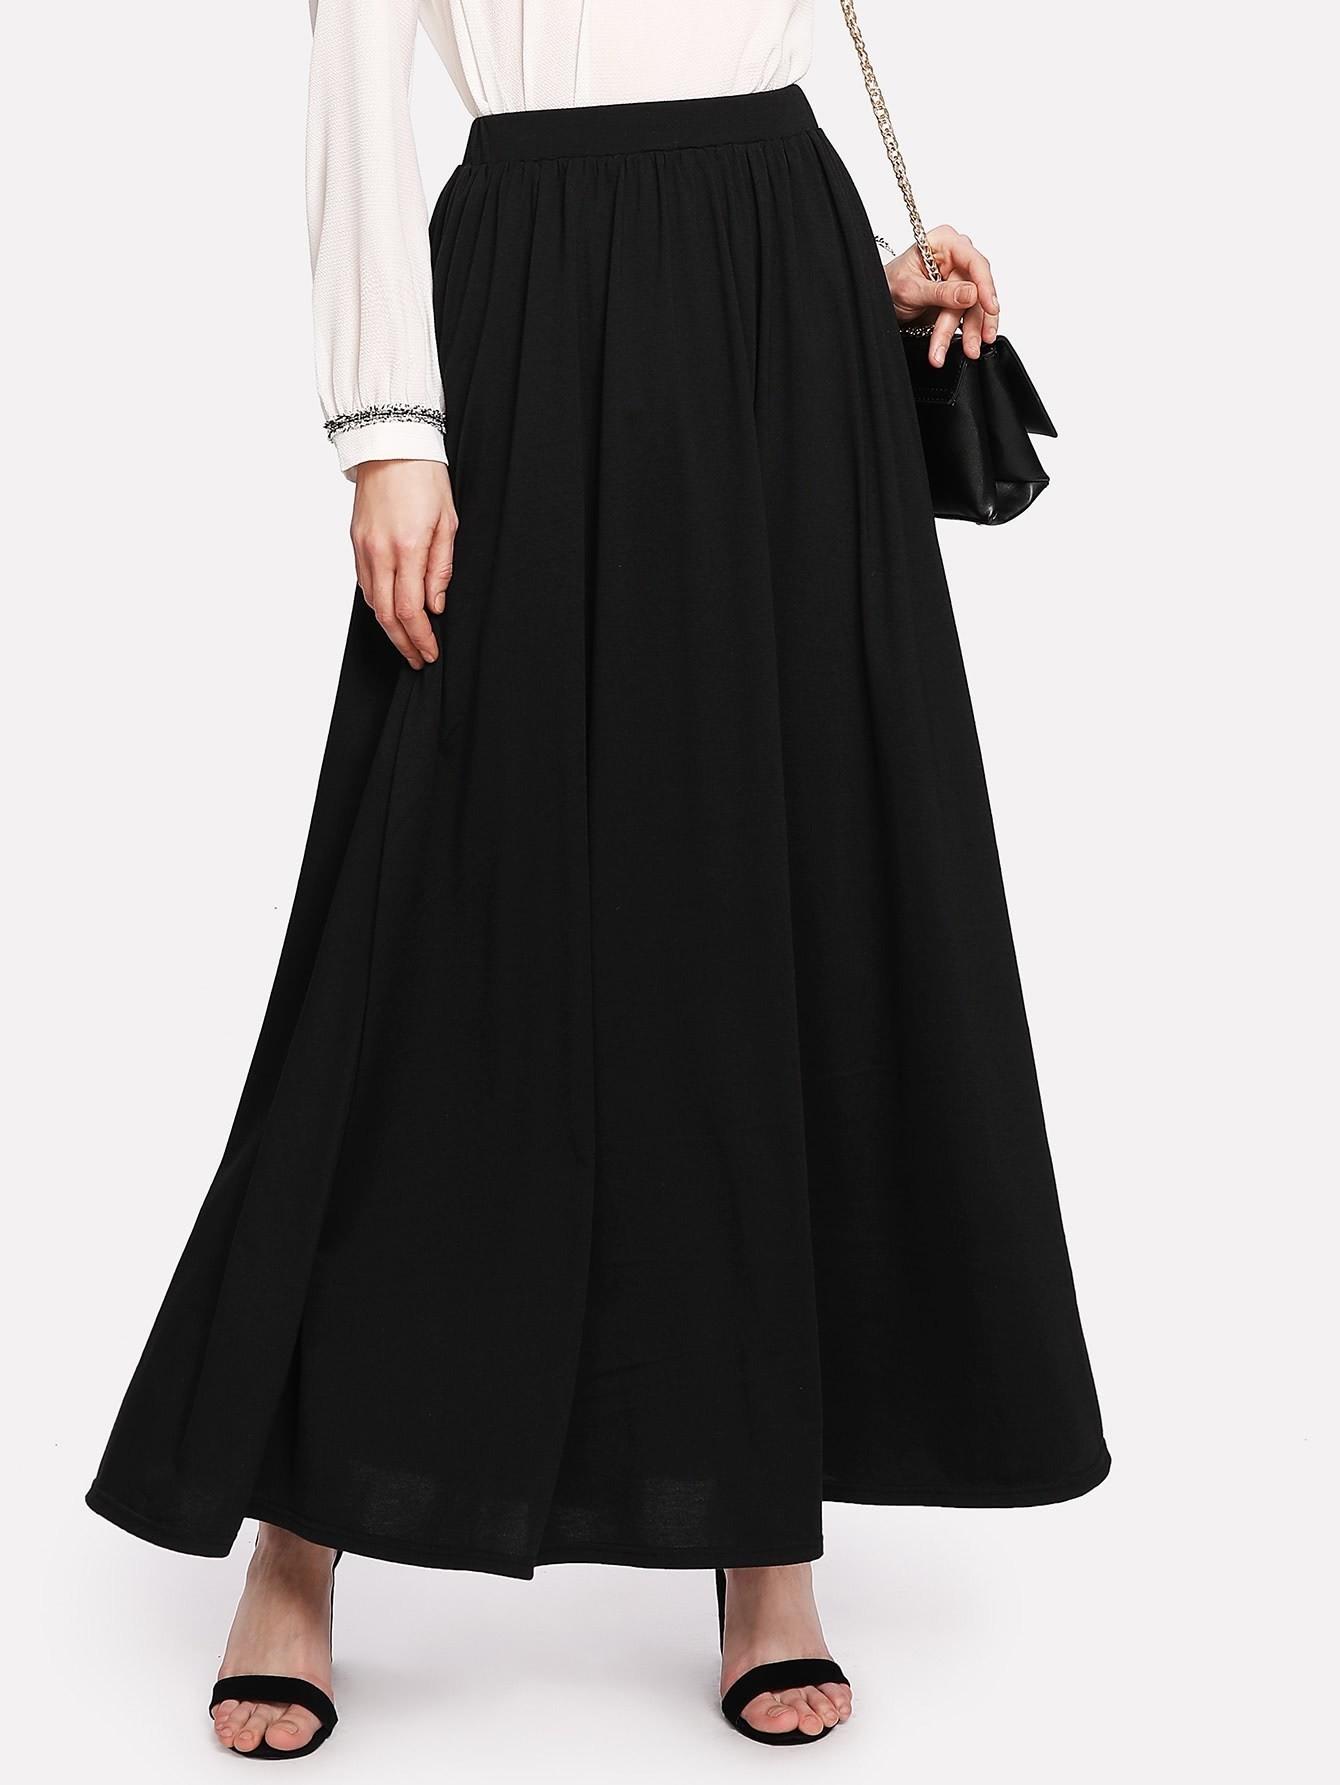 Модная юбка, Ksenia G, SheIn  - купить со скидкой